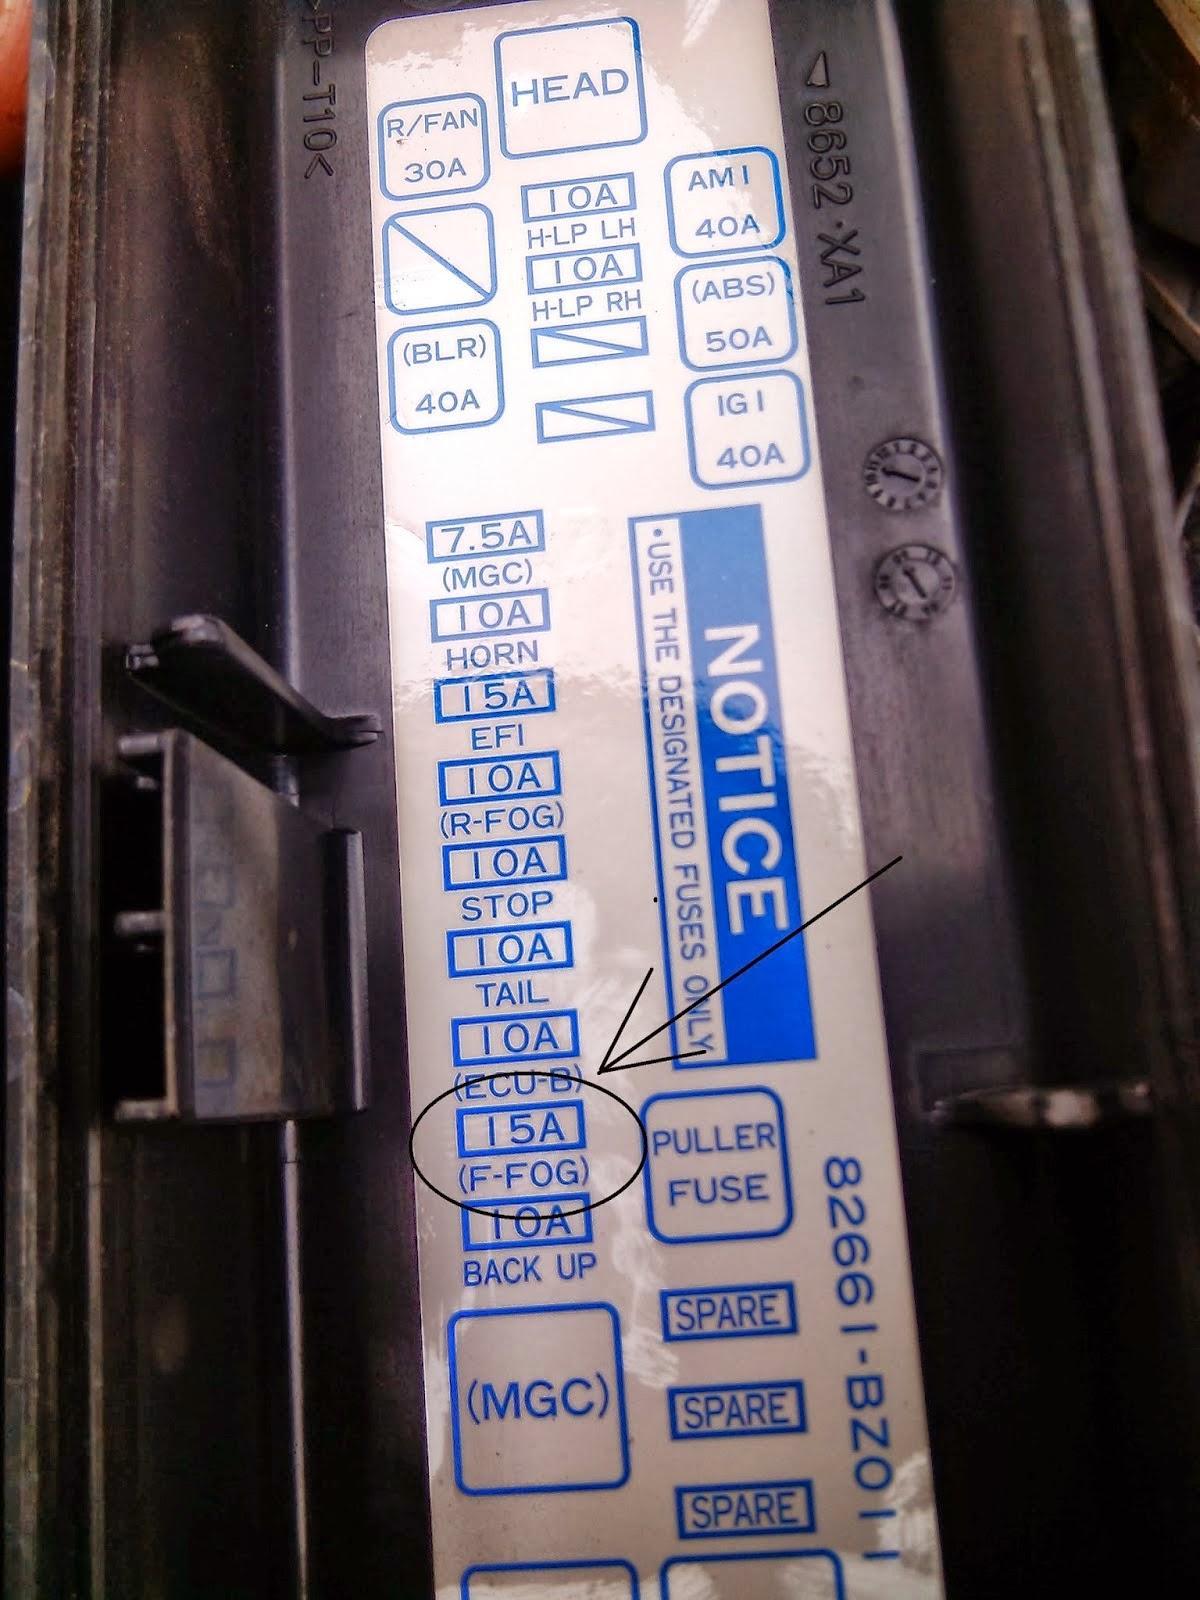 hight resolution of fuse box daihatsu taruna wiring diagram basic fuse box daihatsu ayla